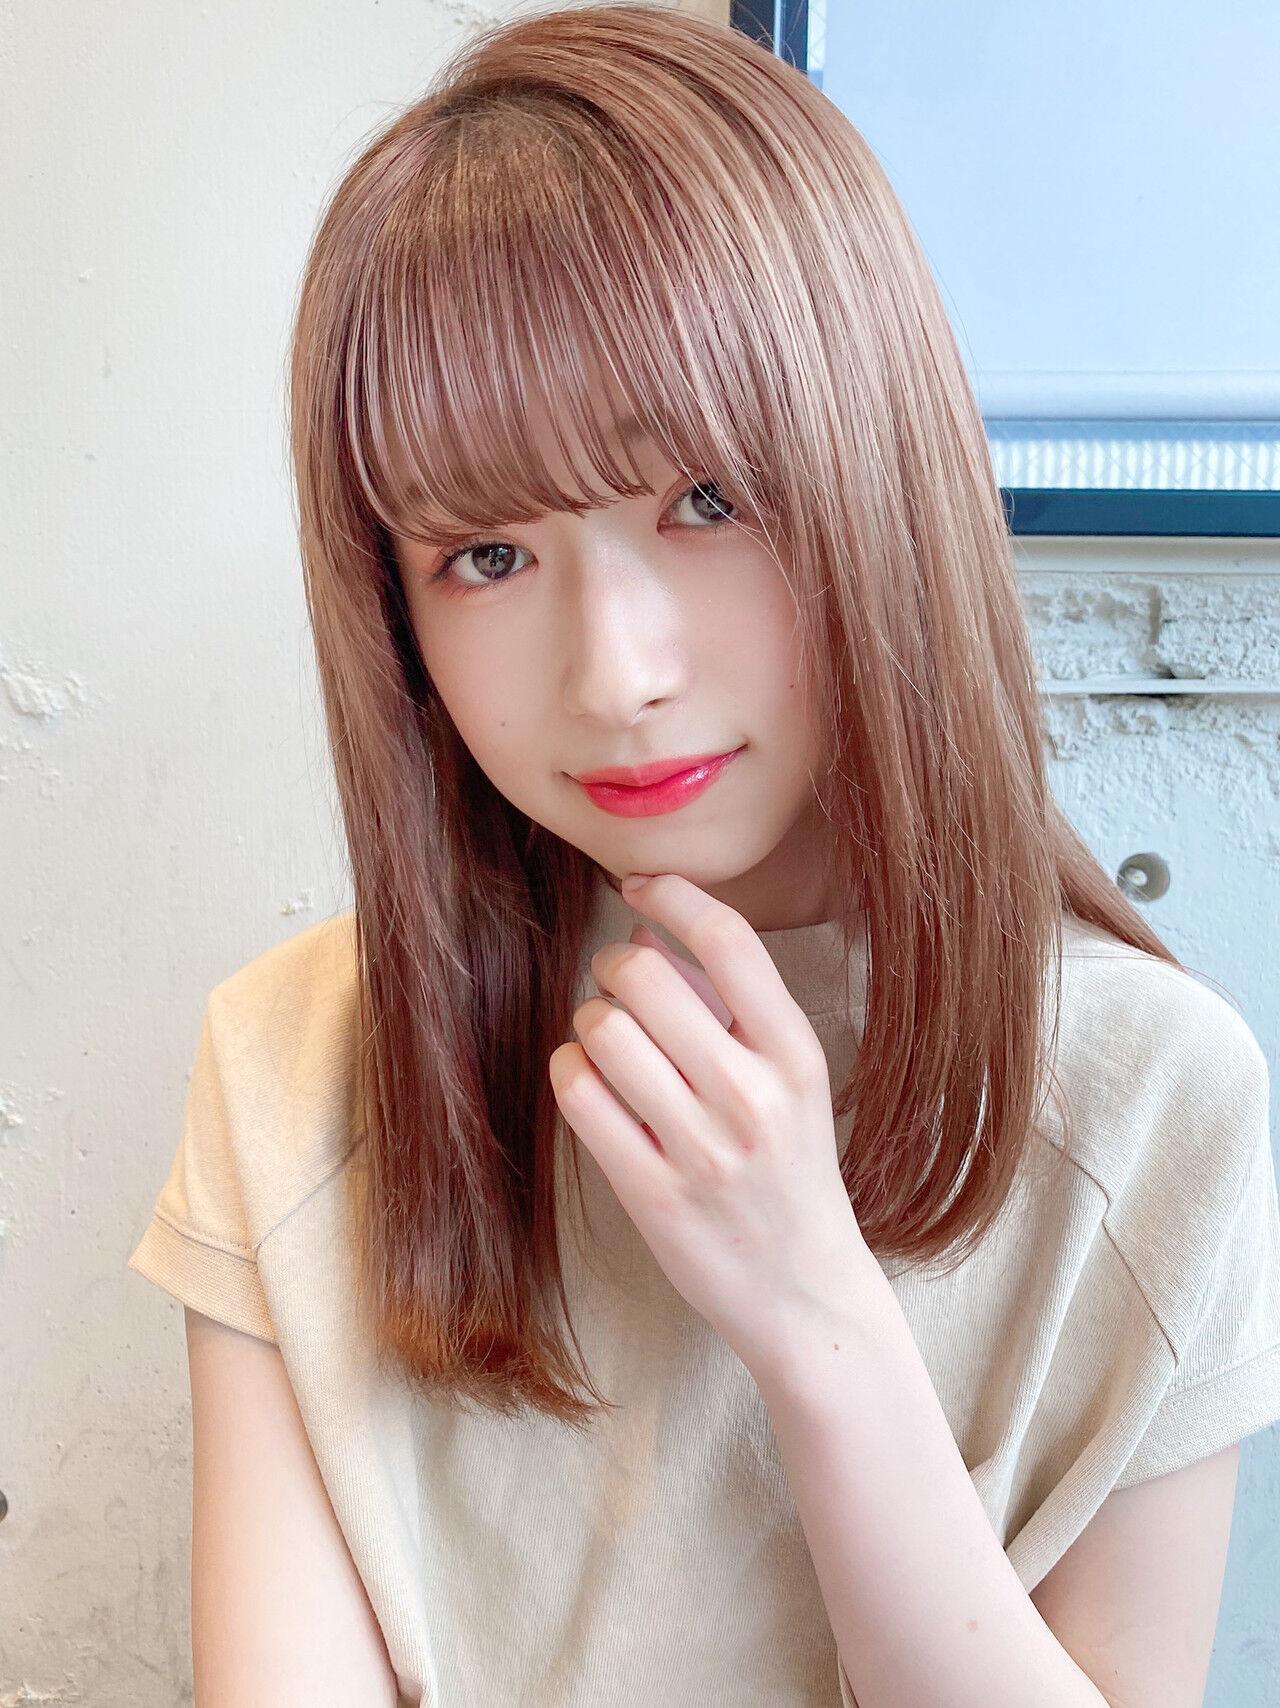 デート ヘアアレンジ セミロング ミディアムレイヤーヘアスタイルや髪型の写真・画像